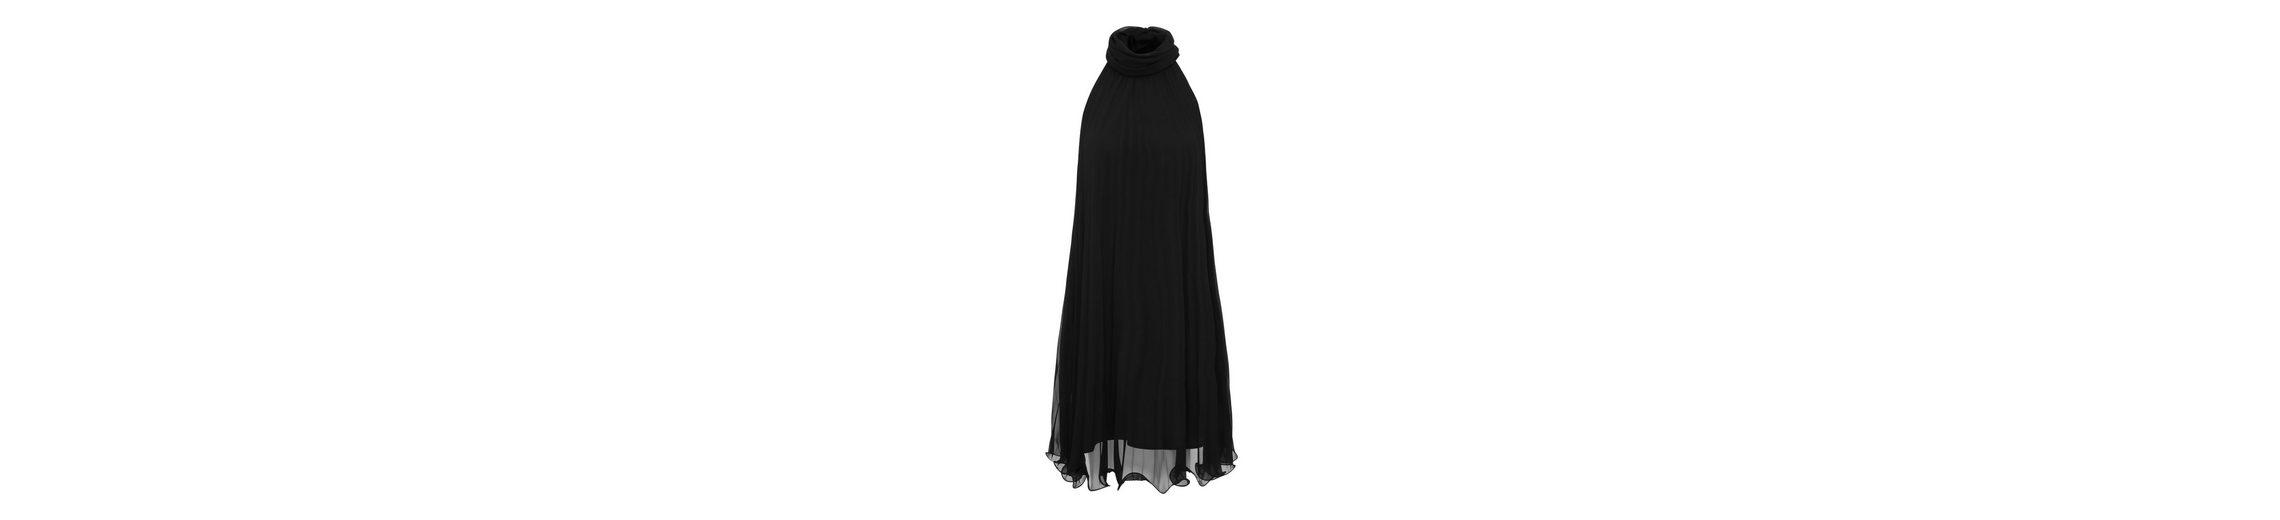 Apart Plissèekleid Steckdose Breite Palette Von Sie Günstig Online Billig Empfehlen Auslass Für Billig hvwyVtaFf